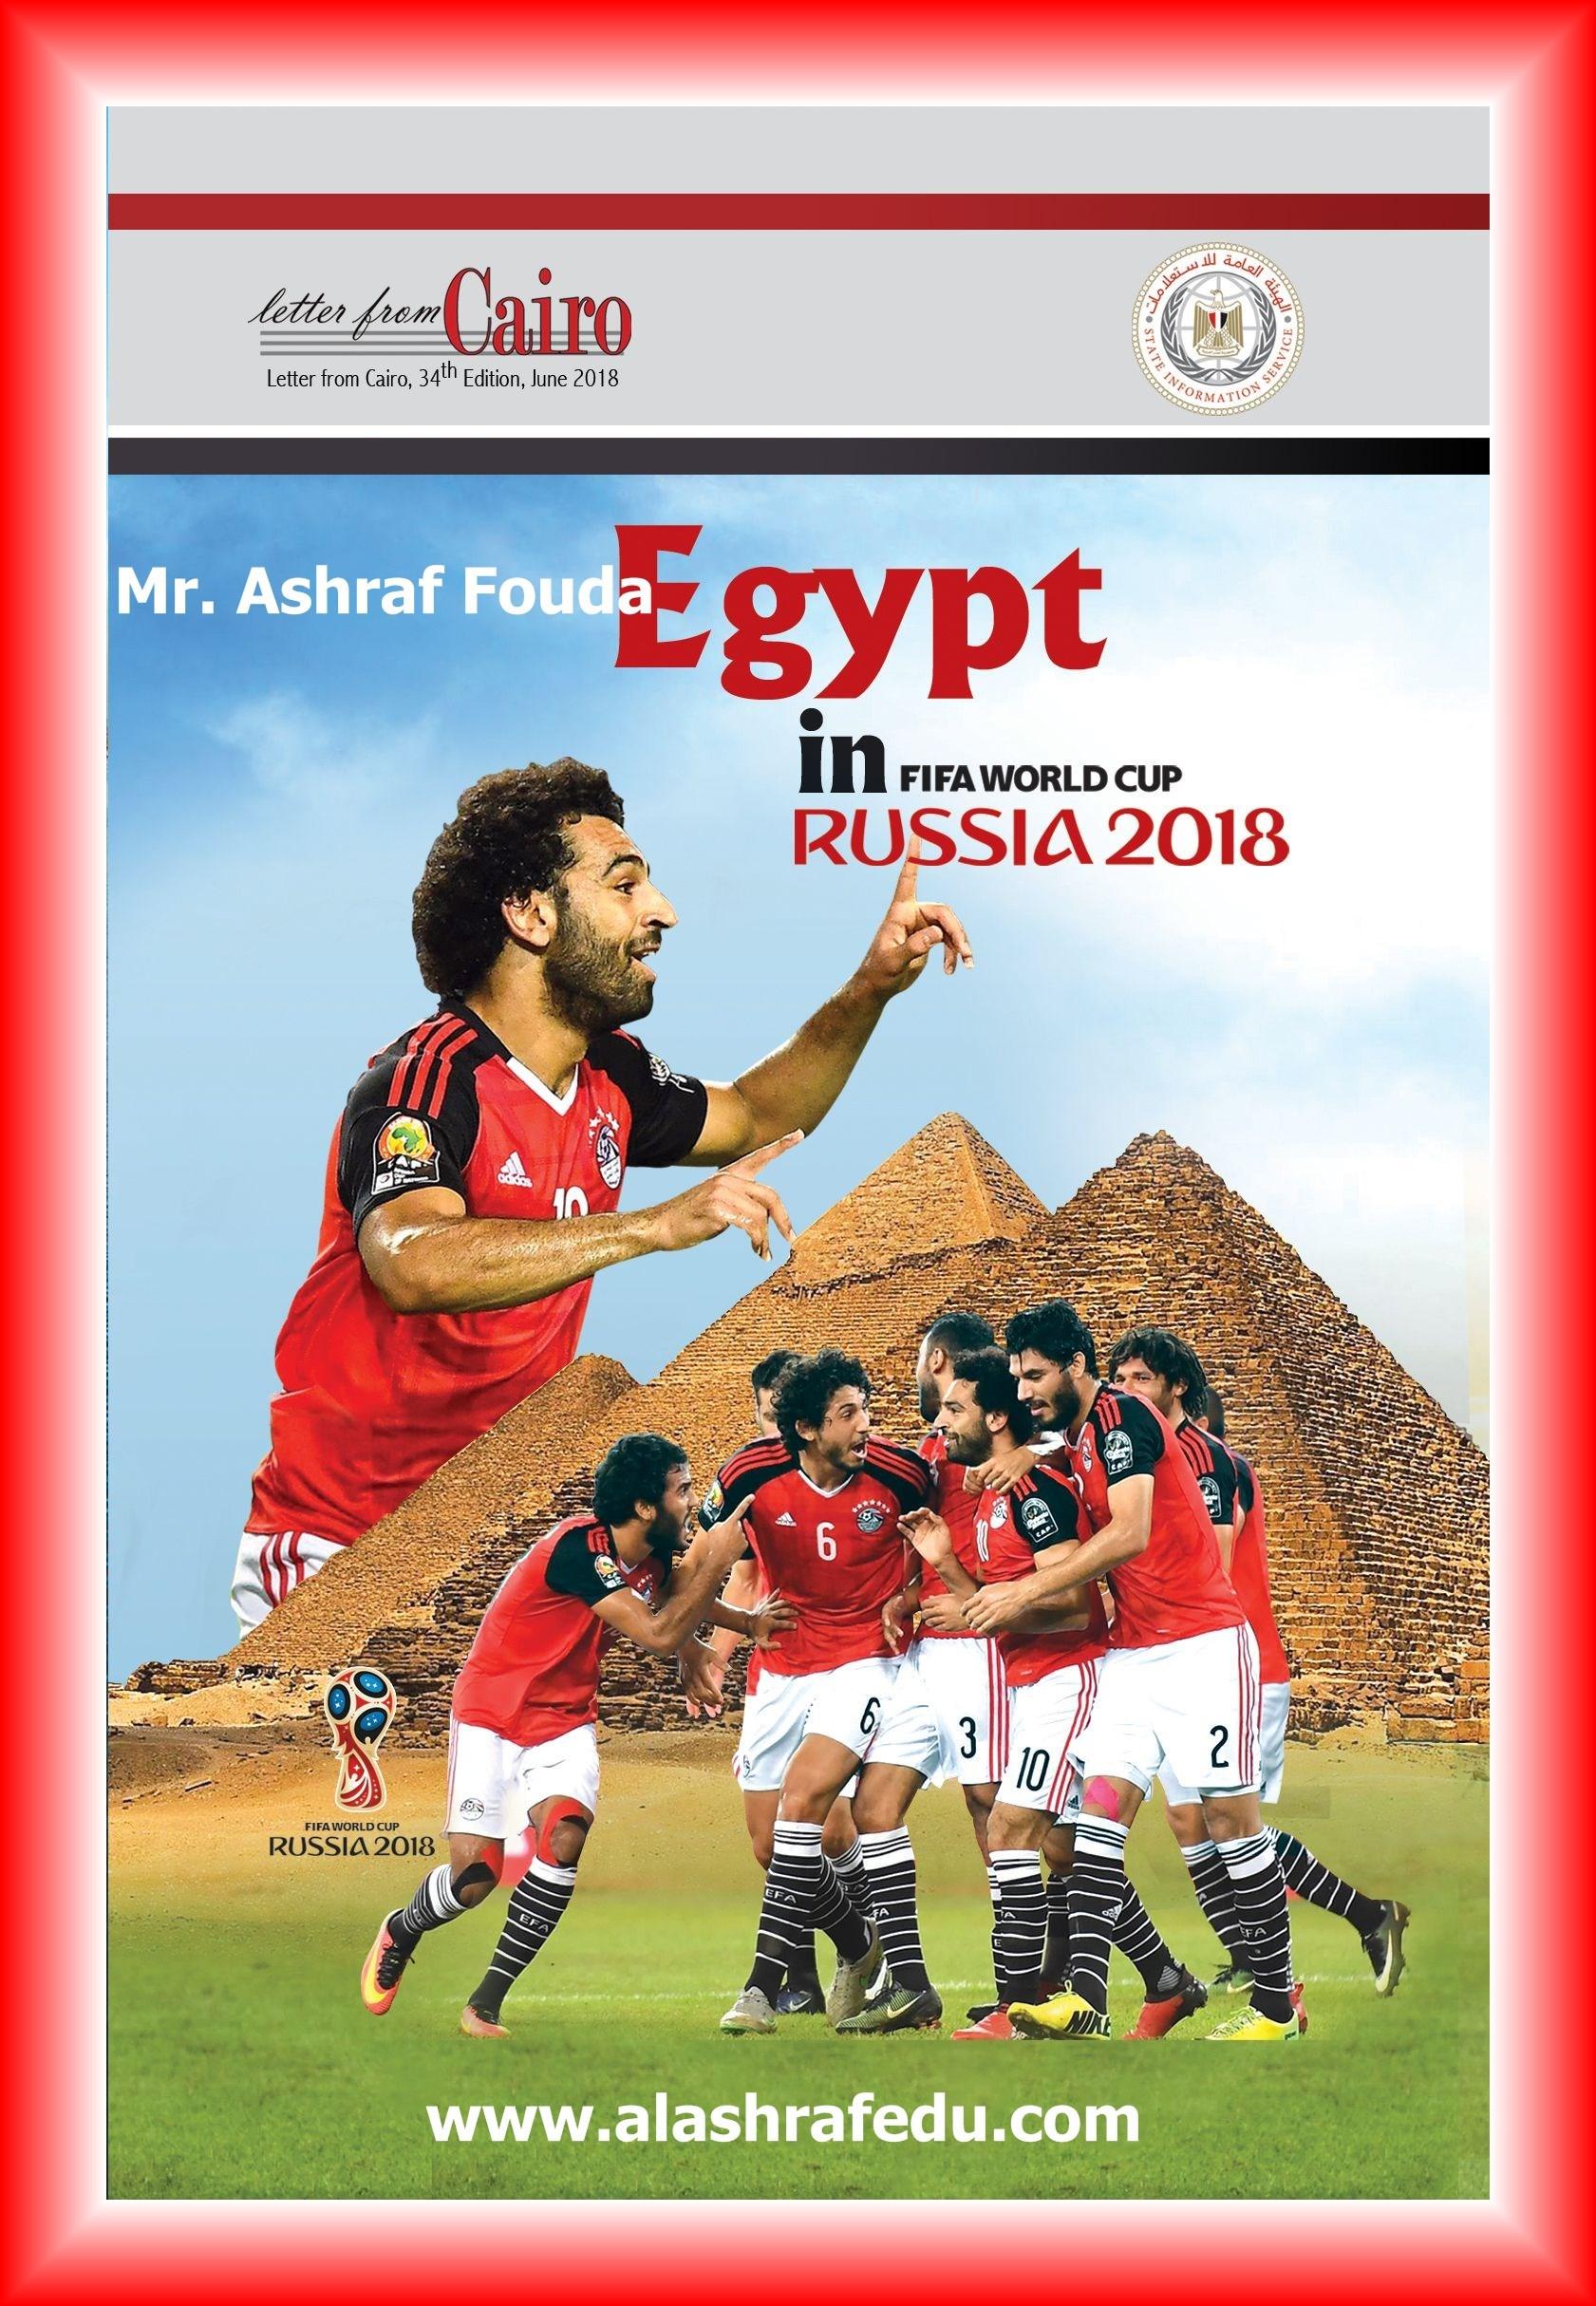 غلاف رسالة القاهره باللغه الإنجليزيه www.alashrafedu.com1